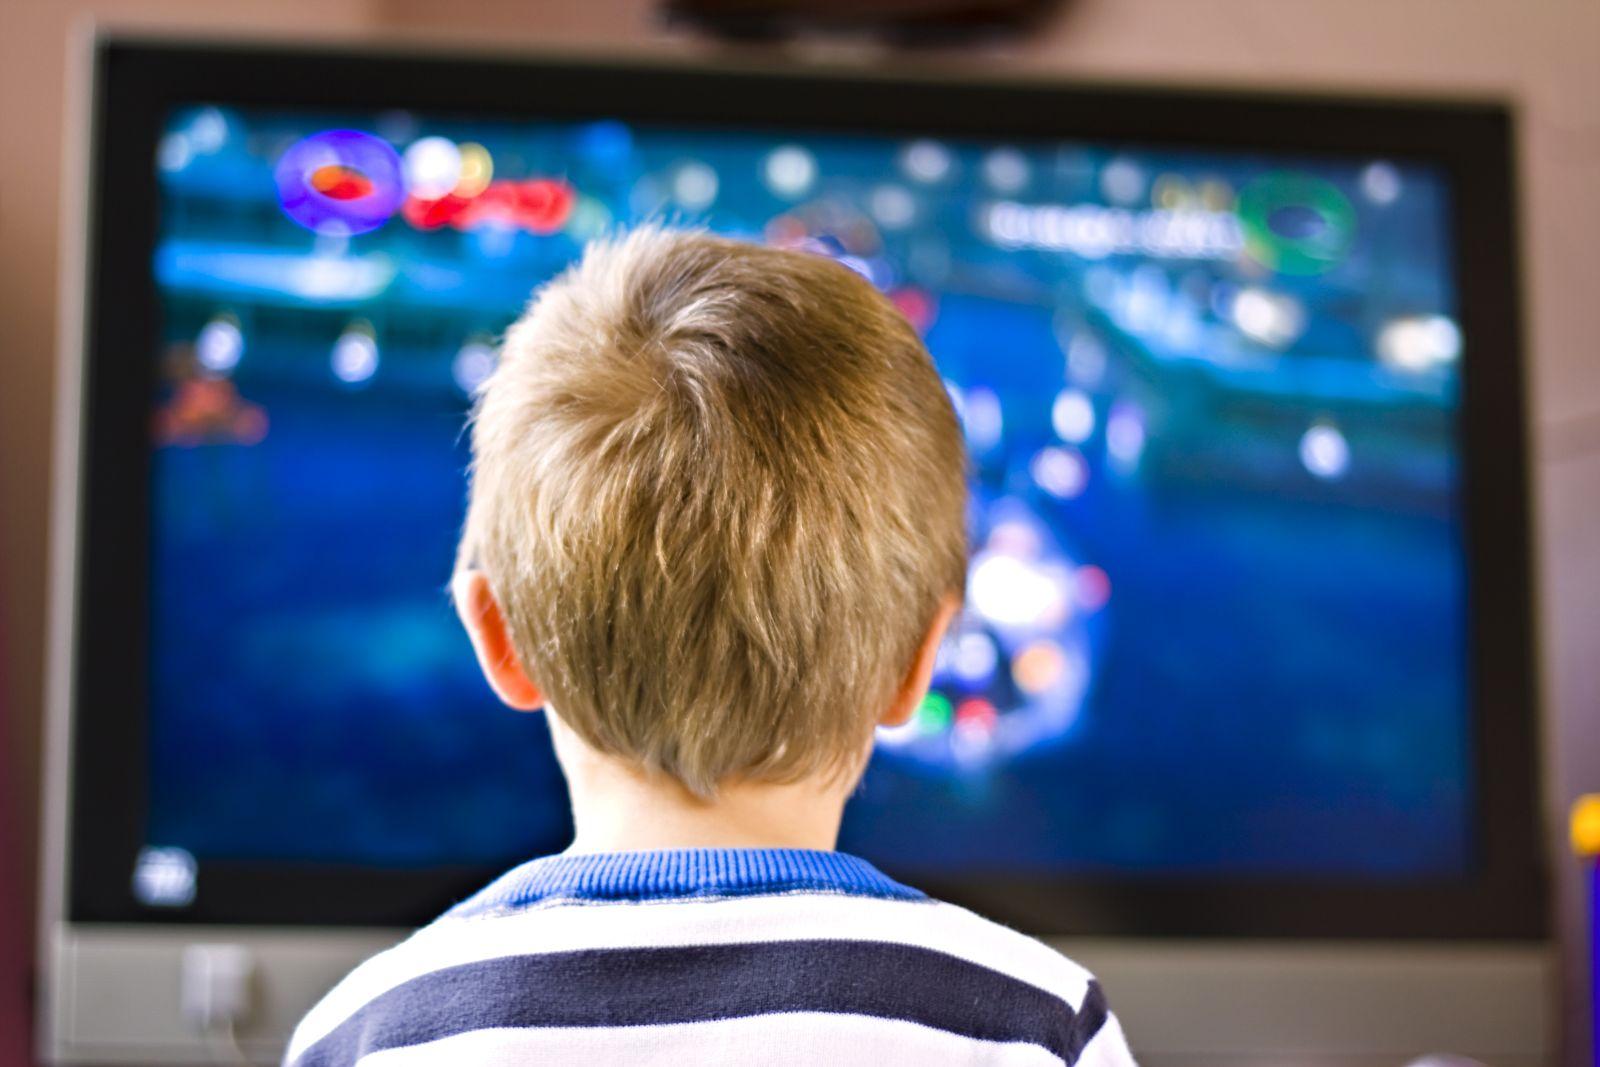 Caricaturas educativas infantiles : La televisión educativa